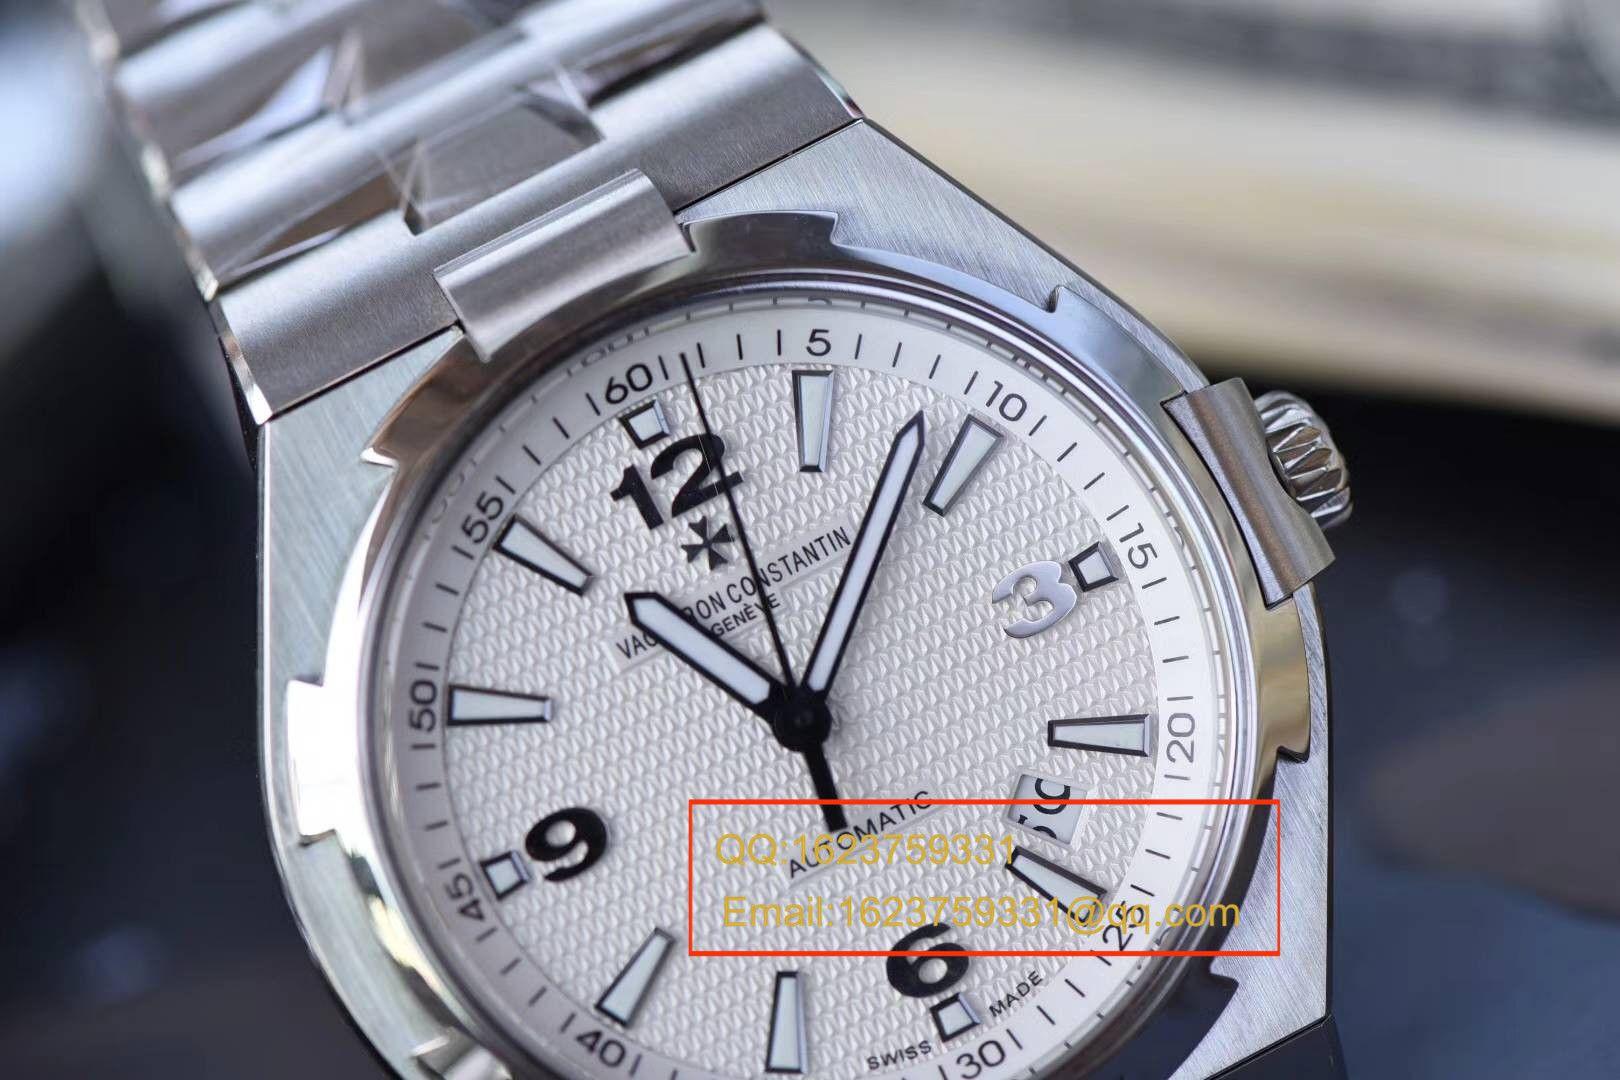 【独家视频评测JJ顶级复刻手表】江诗丹顿纵横四海系列47040/B01A-9093腕表 / JSBI115